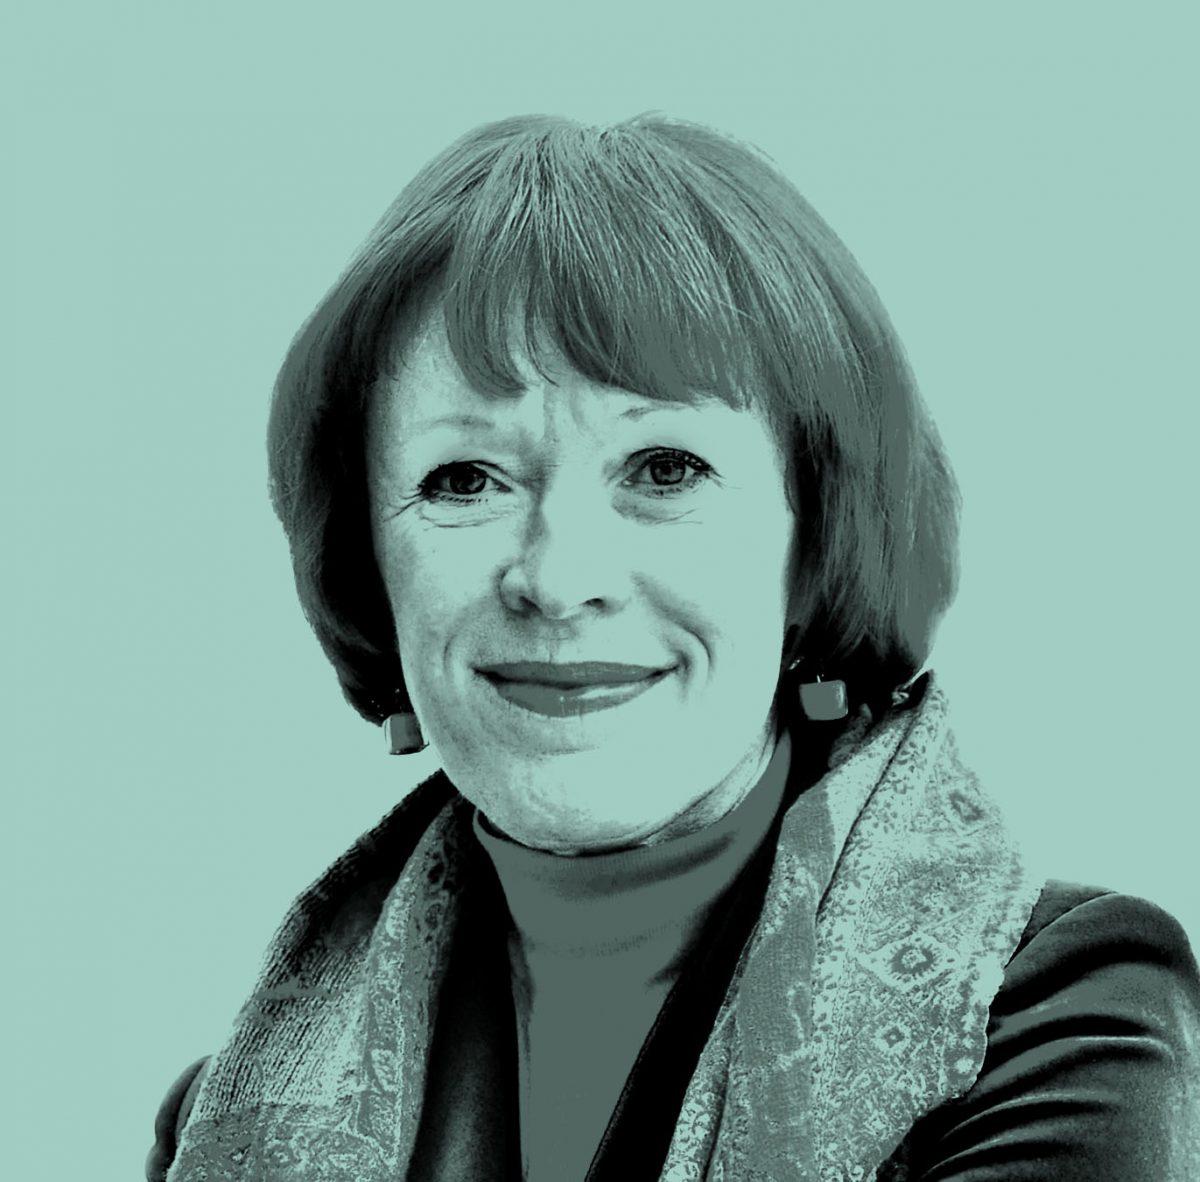 VIERAILIJA: Marja-Liisa Manka: Työntekijä, oman työnsä paras toimitusjohtaja